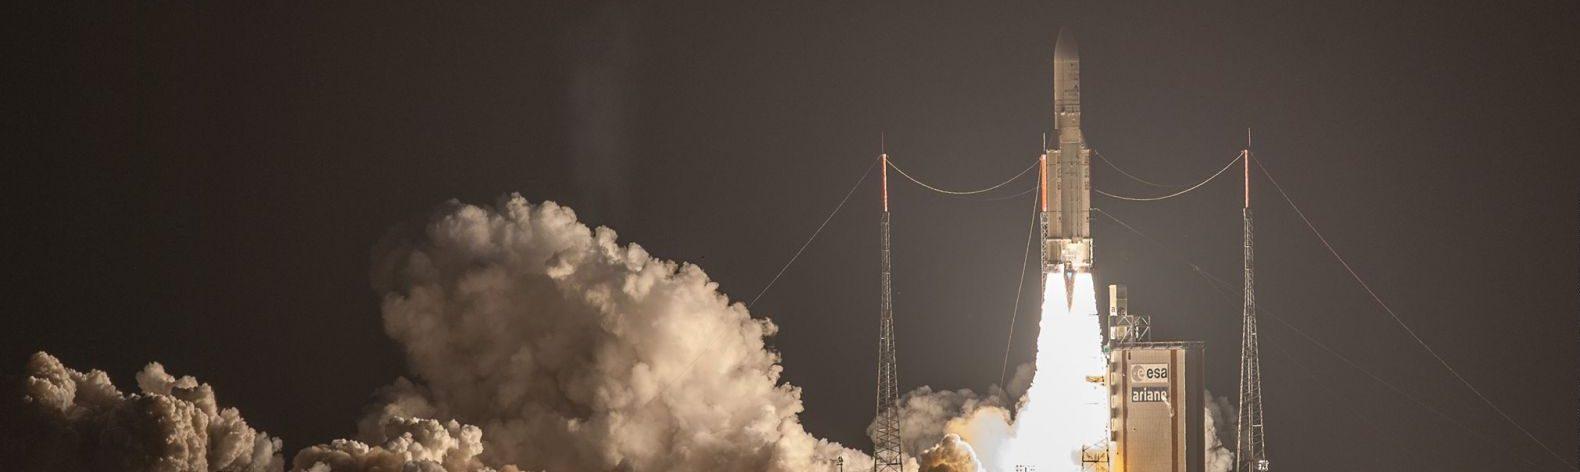 VA232 Launch